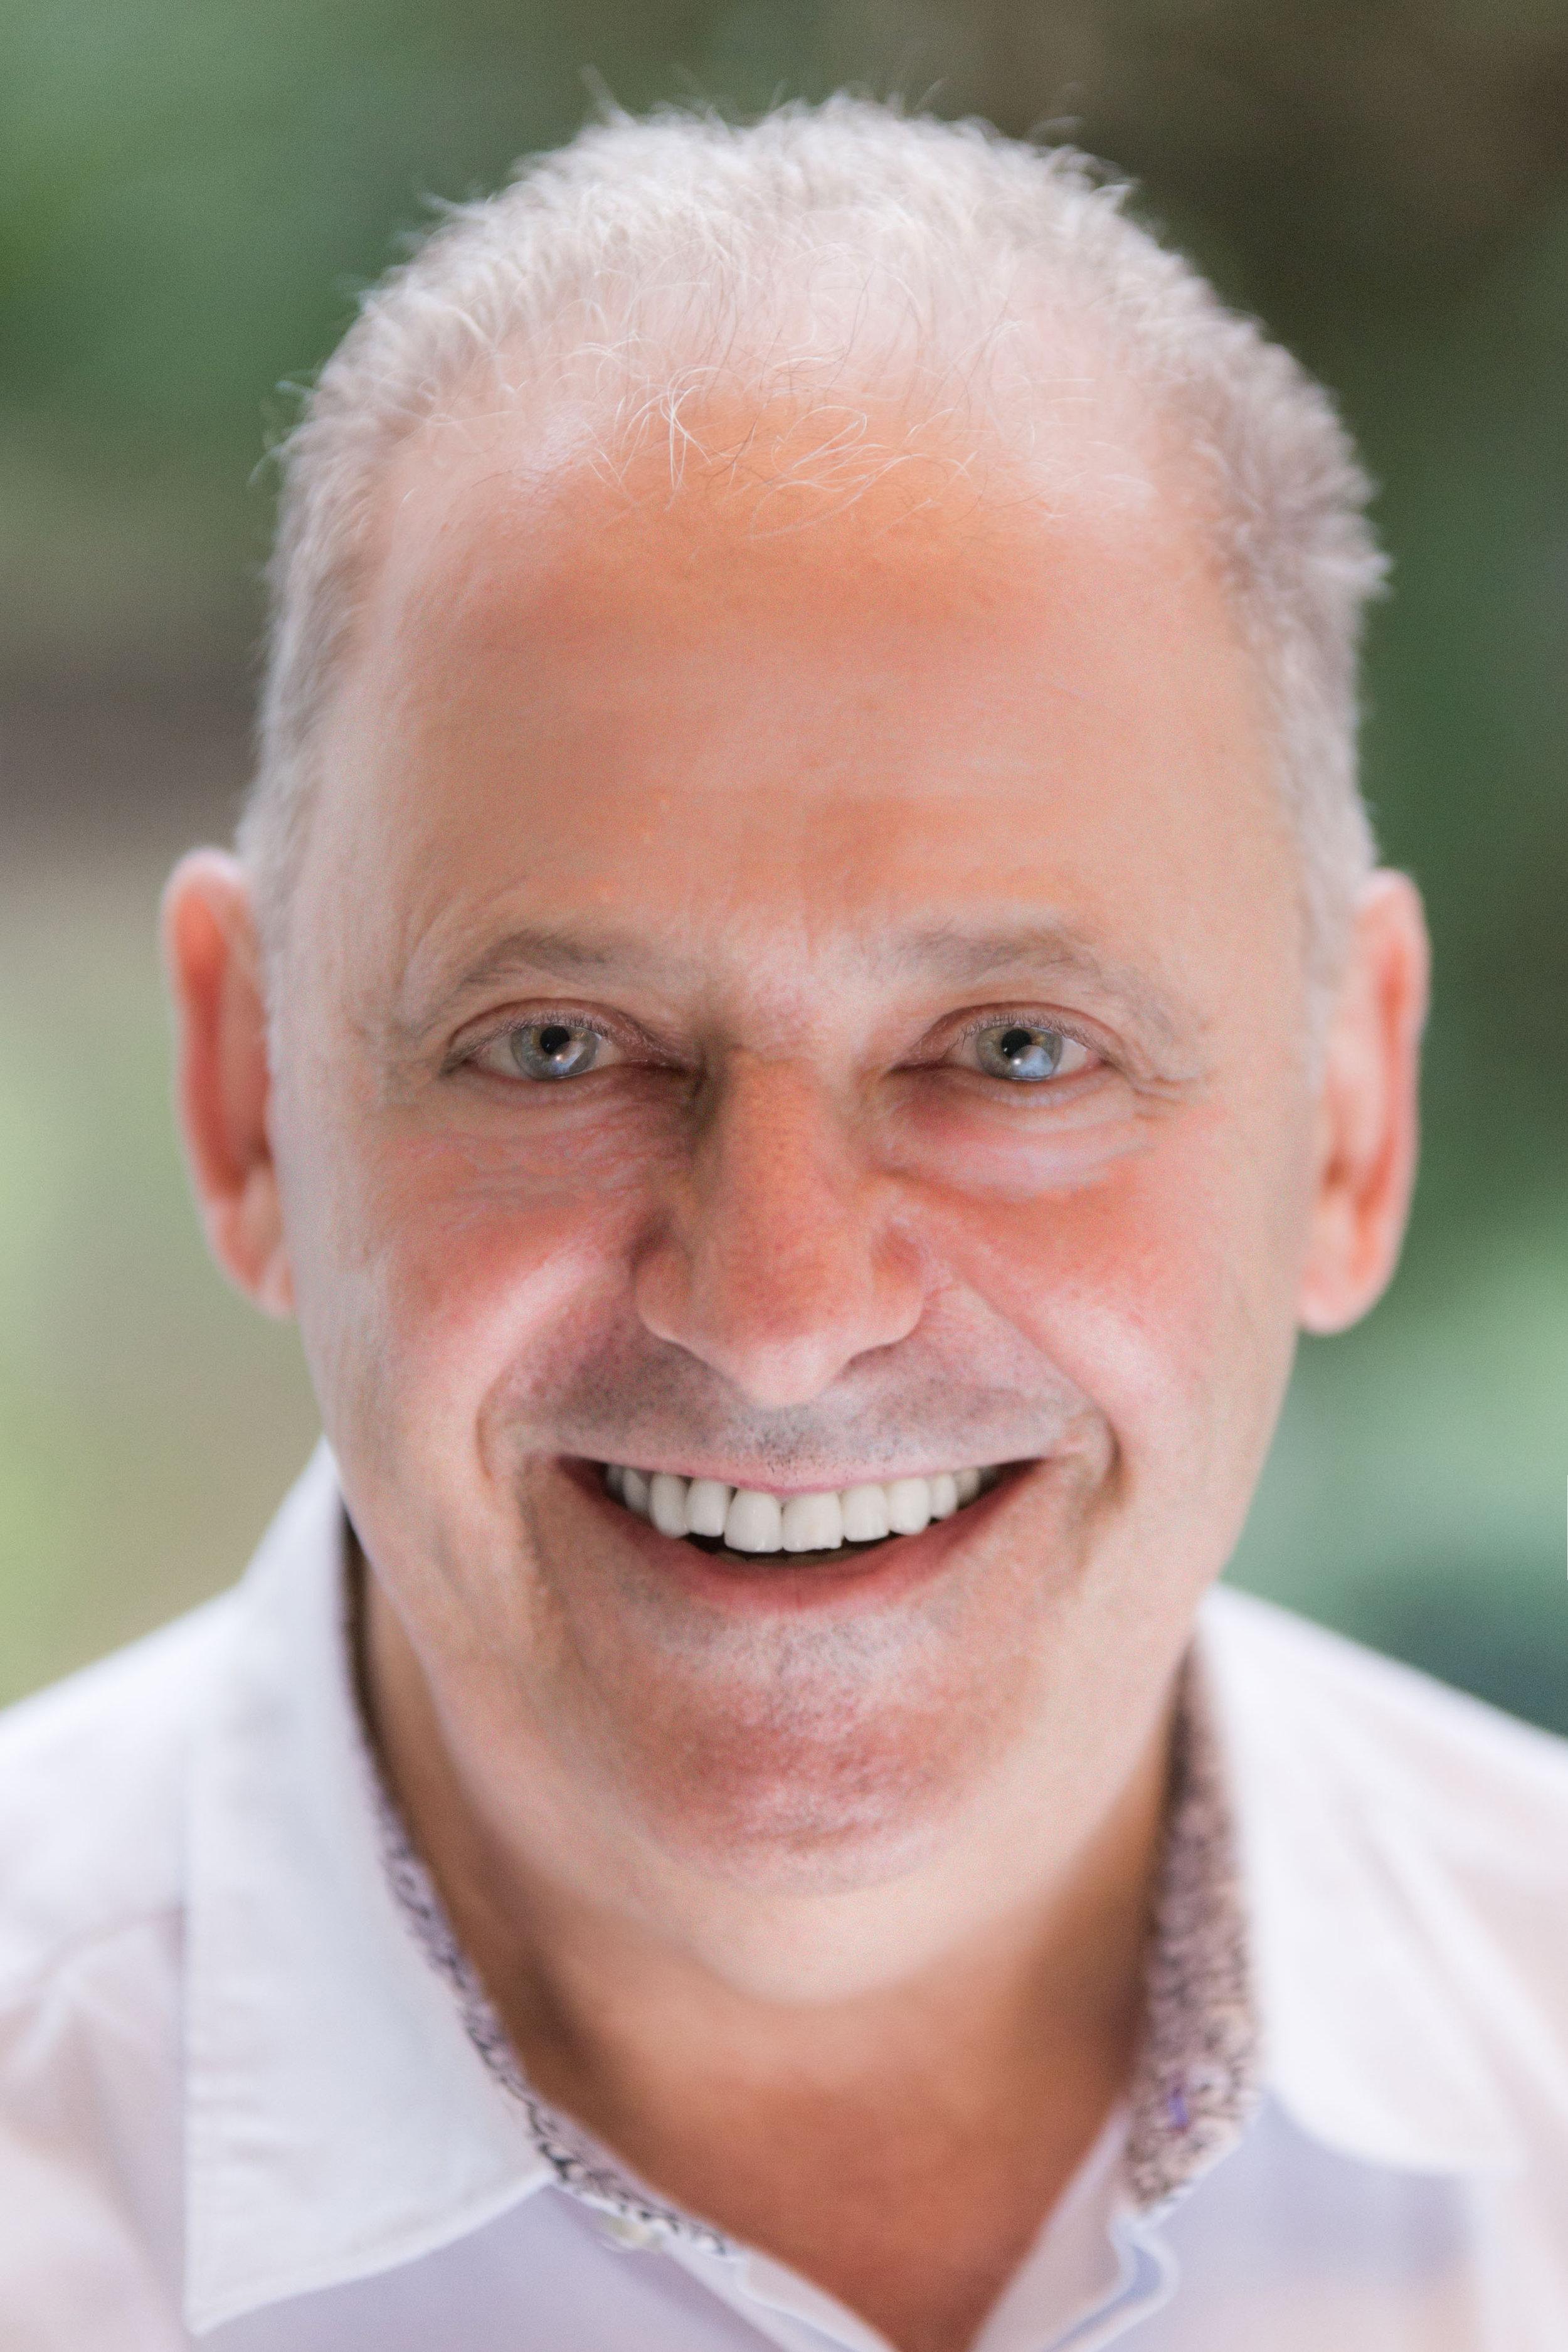 Mark Jonathan, Lighting Designer